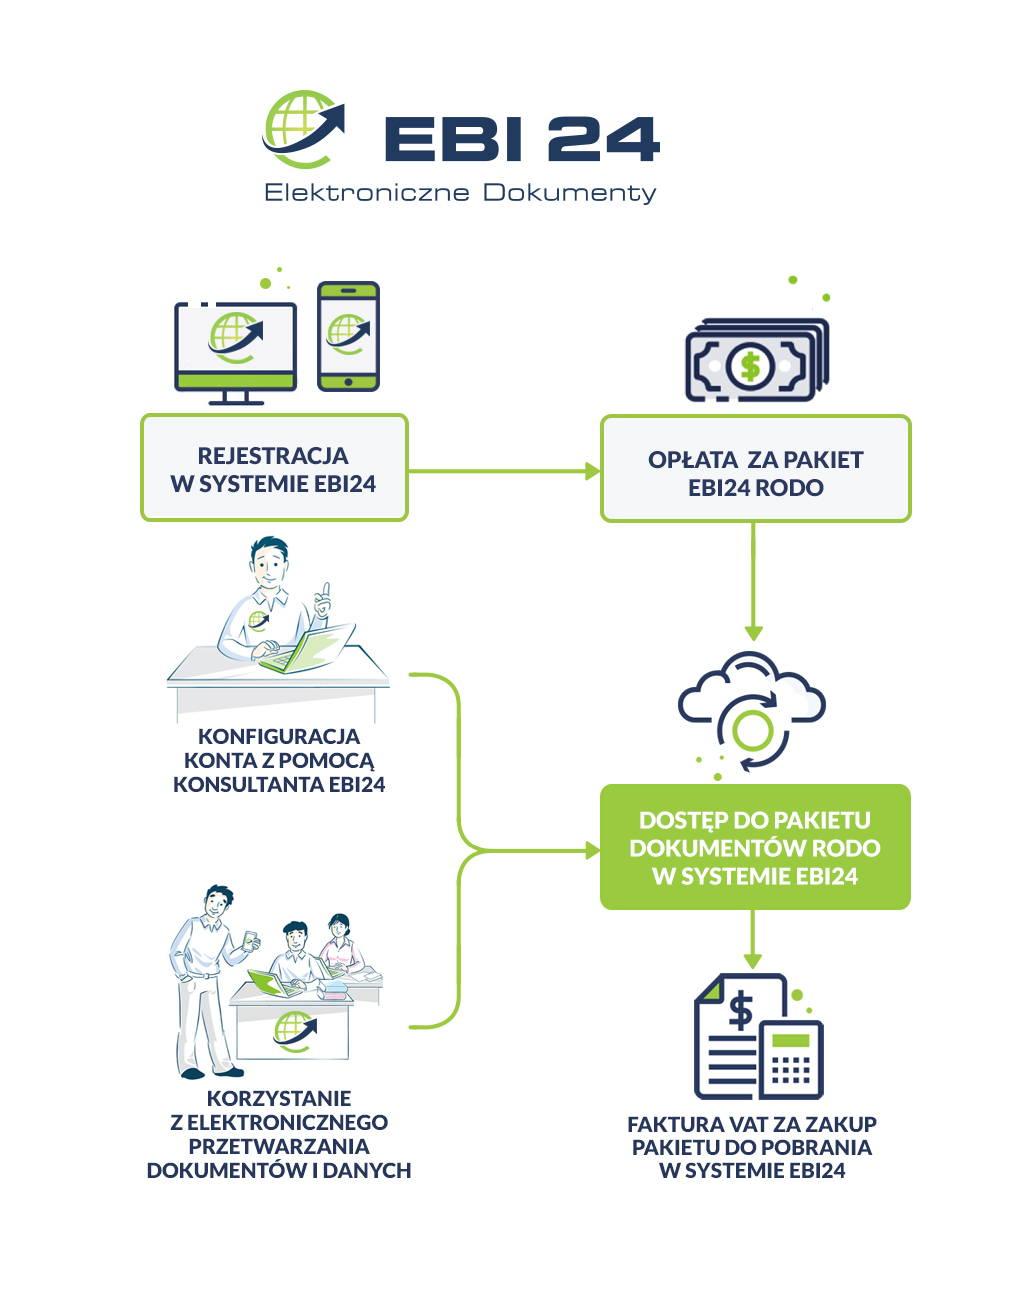 Trzymasz dane klientów w wersji papierowej? Zabezpiecz je z EBI24!